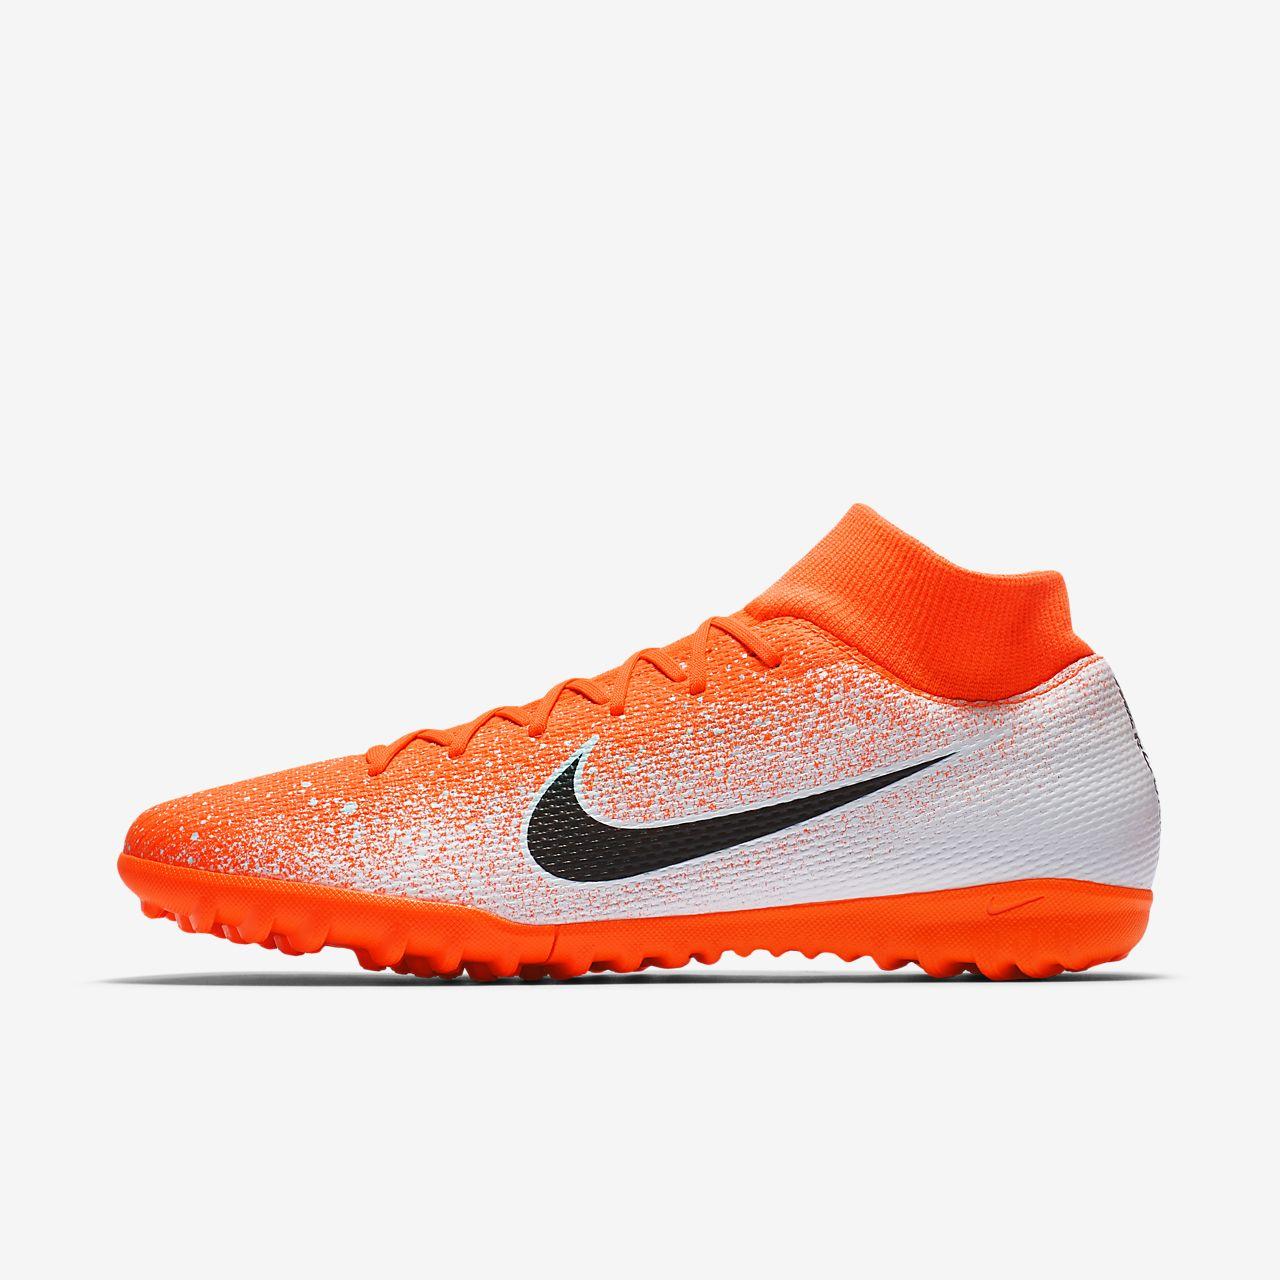 save off 44638 e64b1 ... Nike SuperflyX 6 Academy TF Botas de fútbol para moqueta - Turf